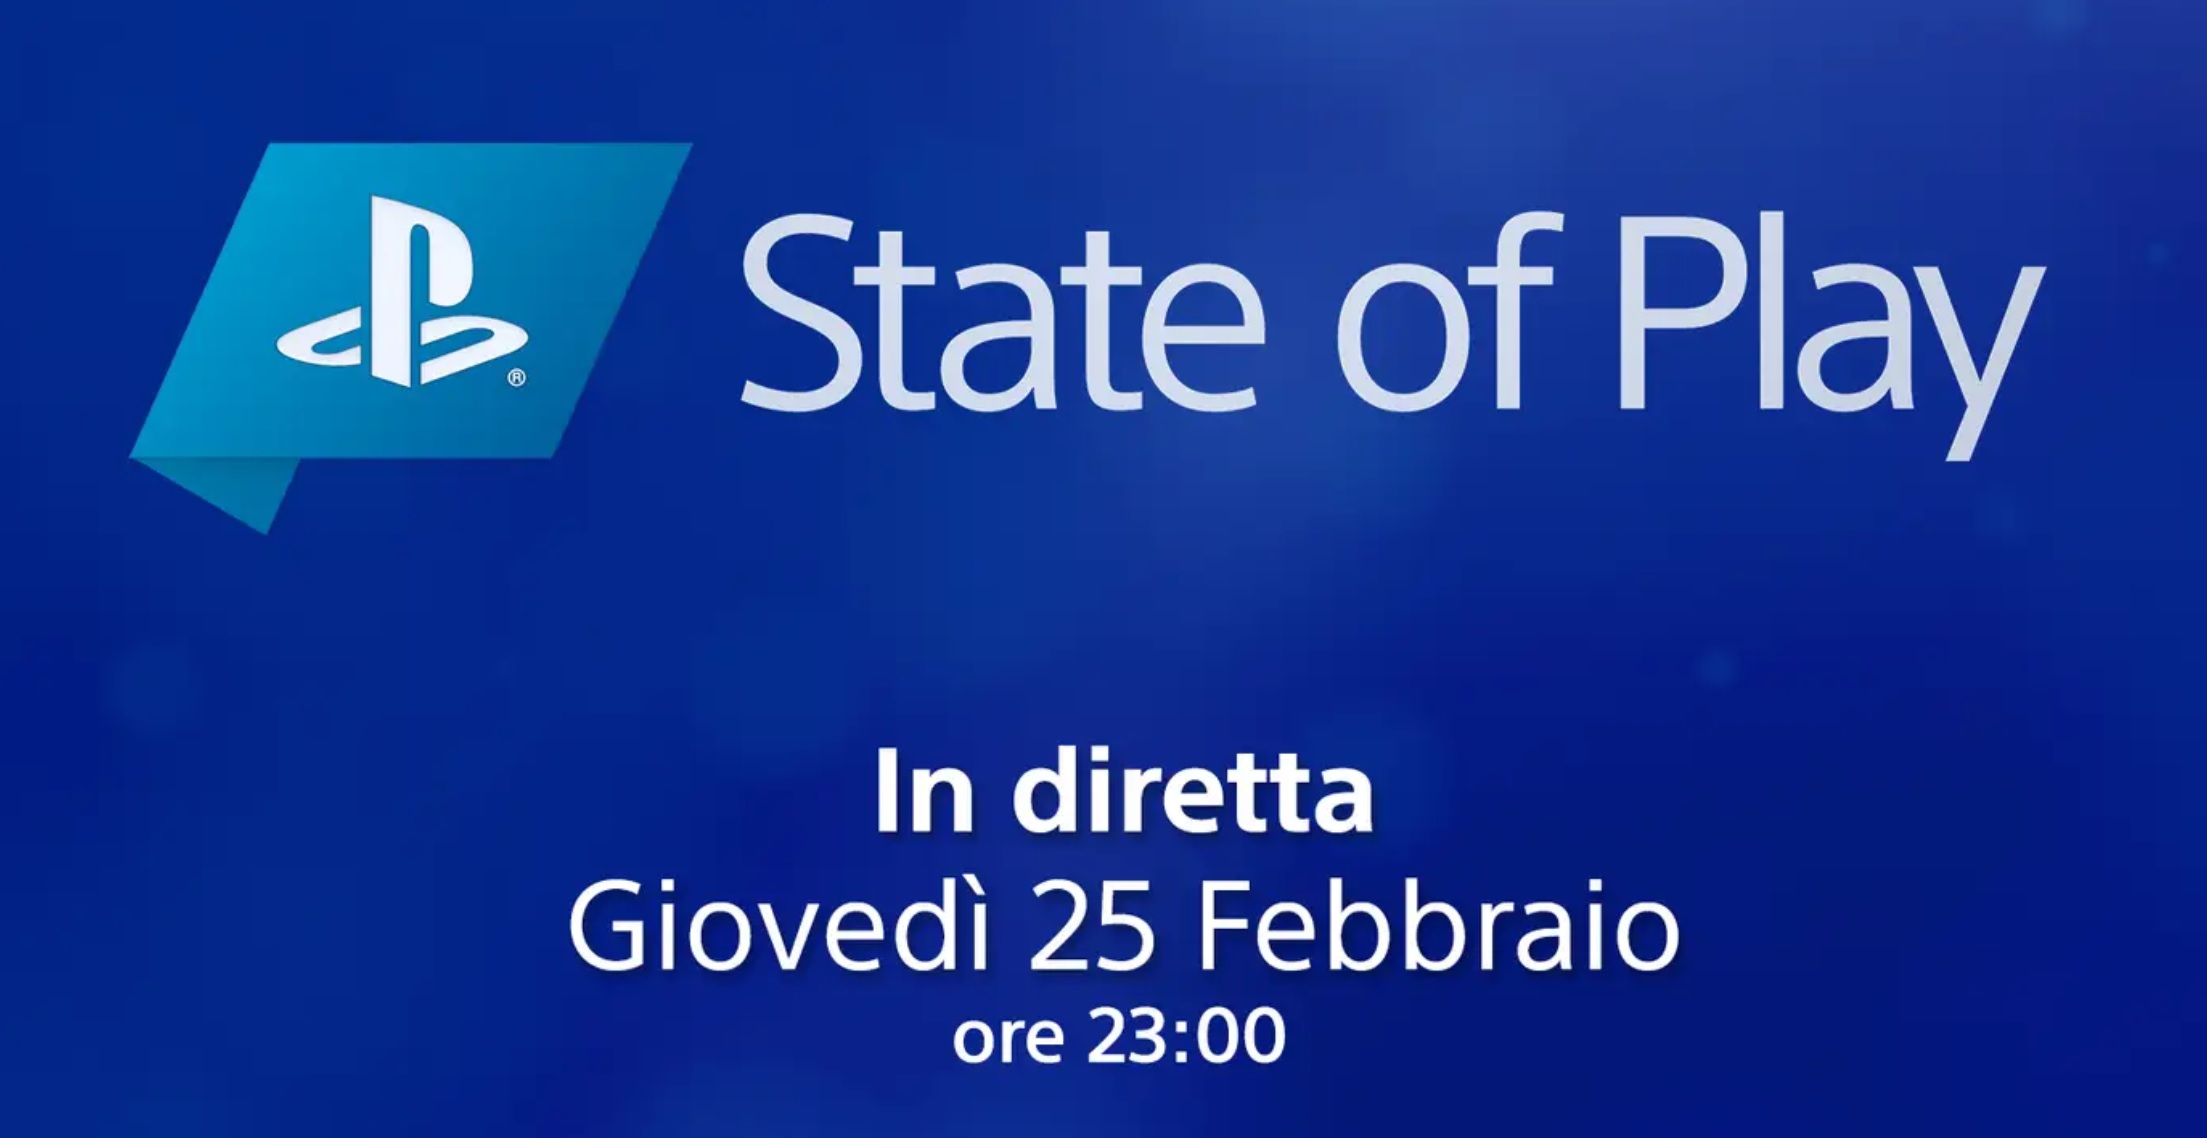 State of Play questo giovedì 25 di febbraio